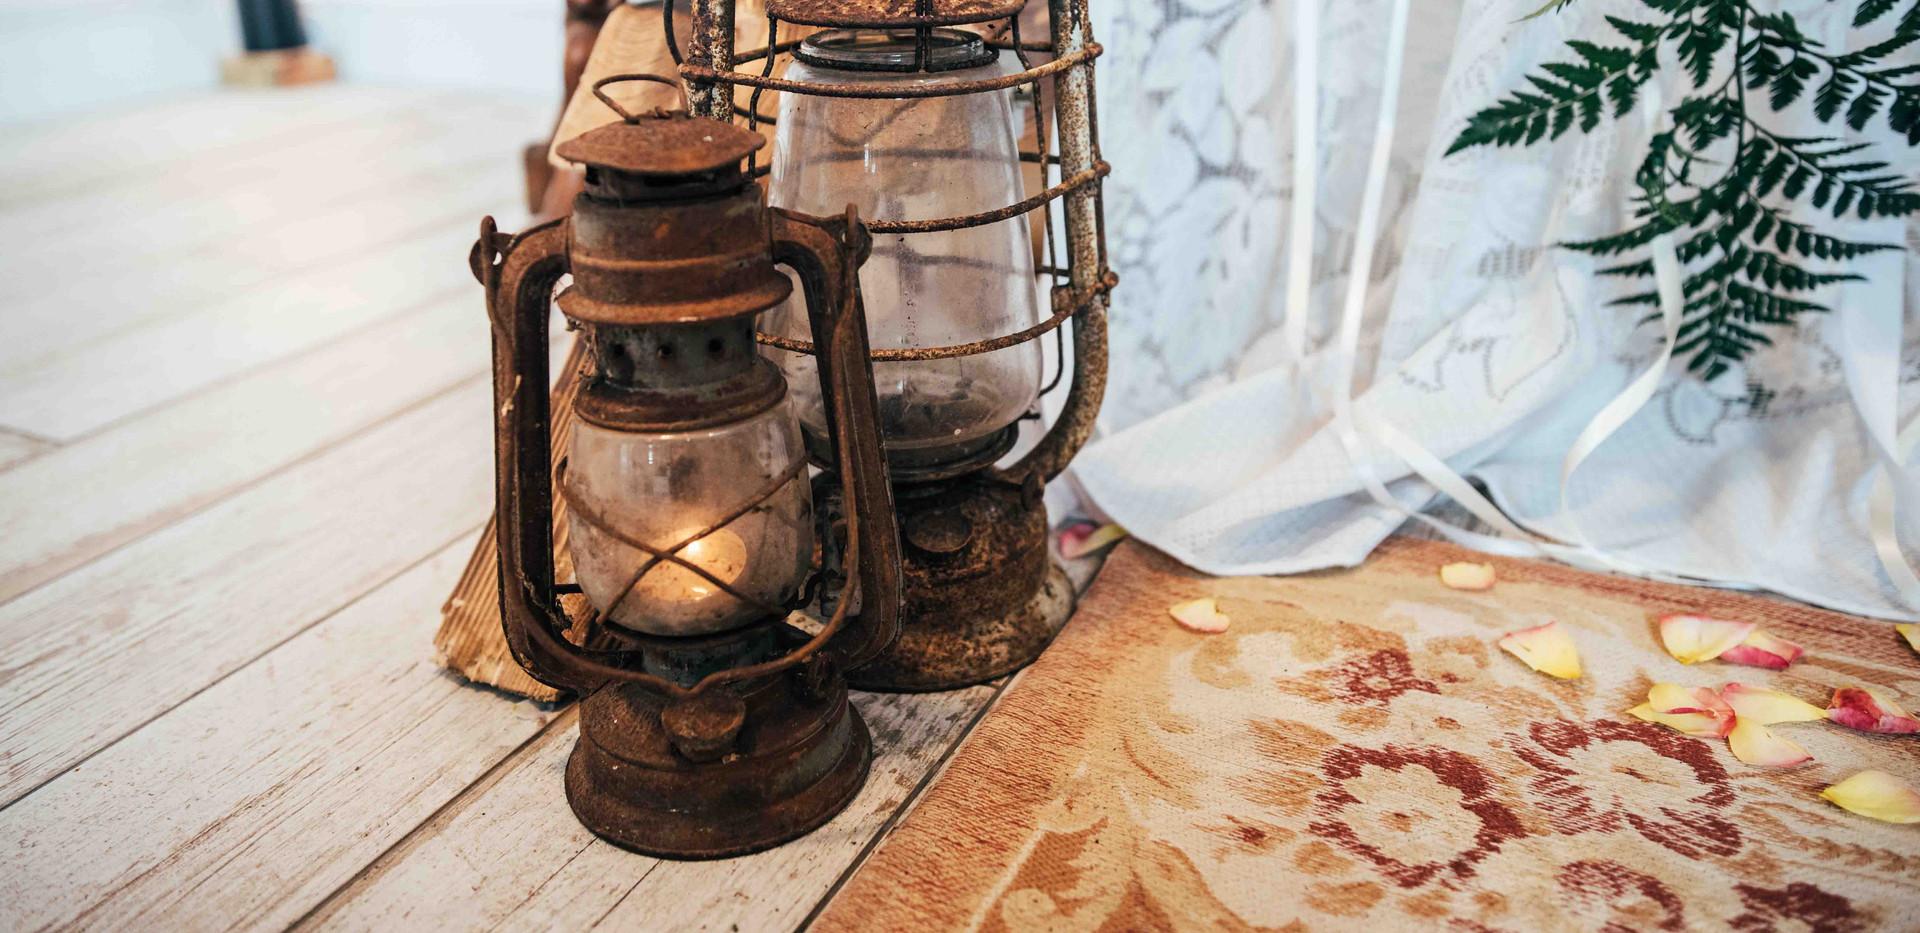 oil lamps sml.jpg